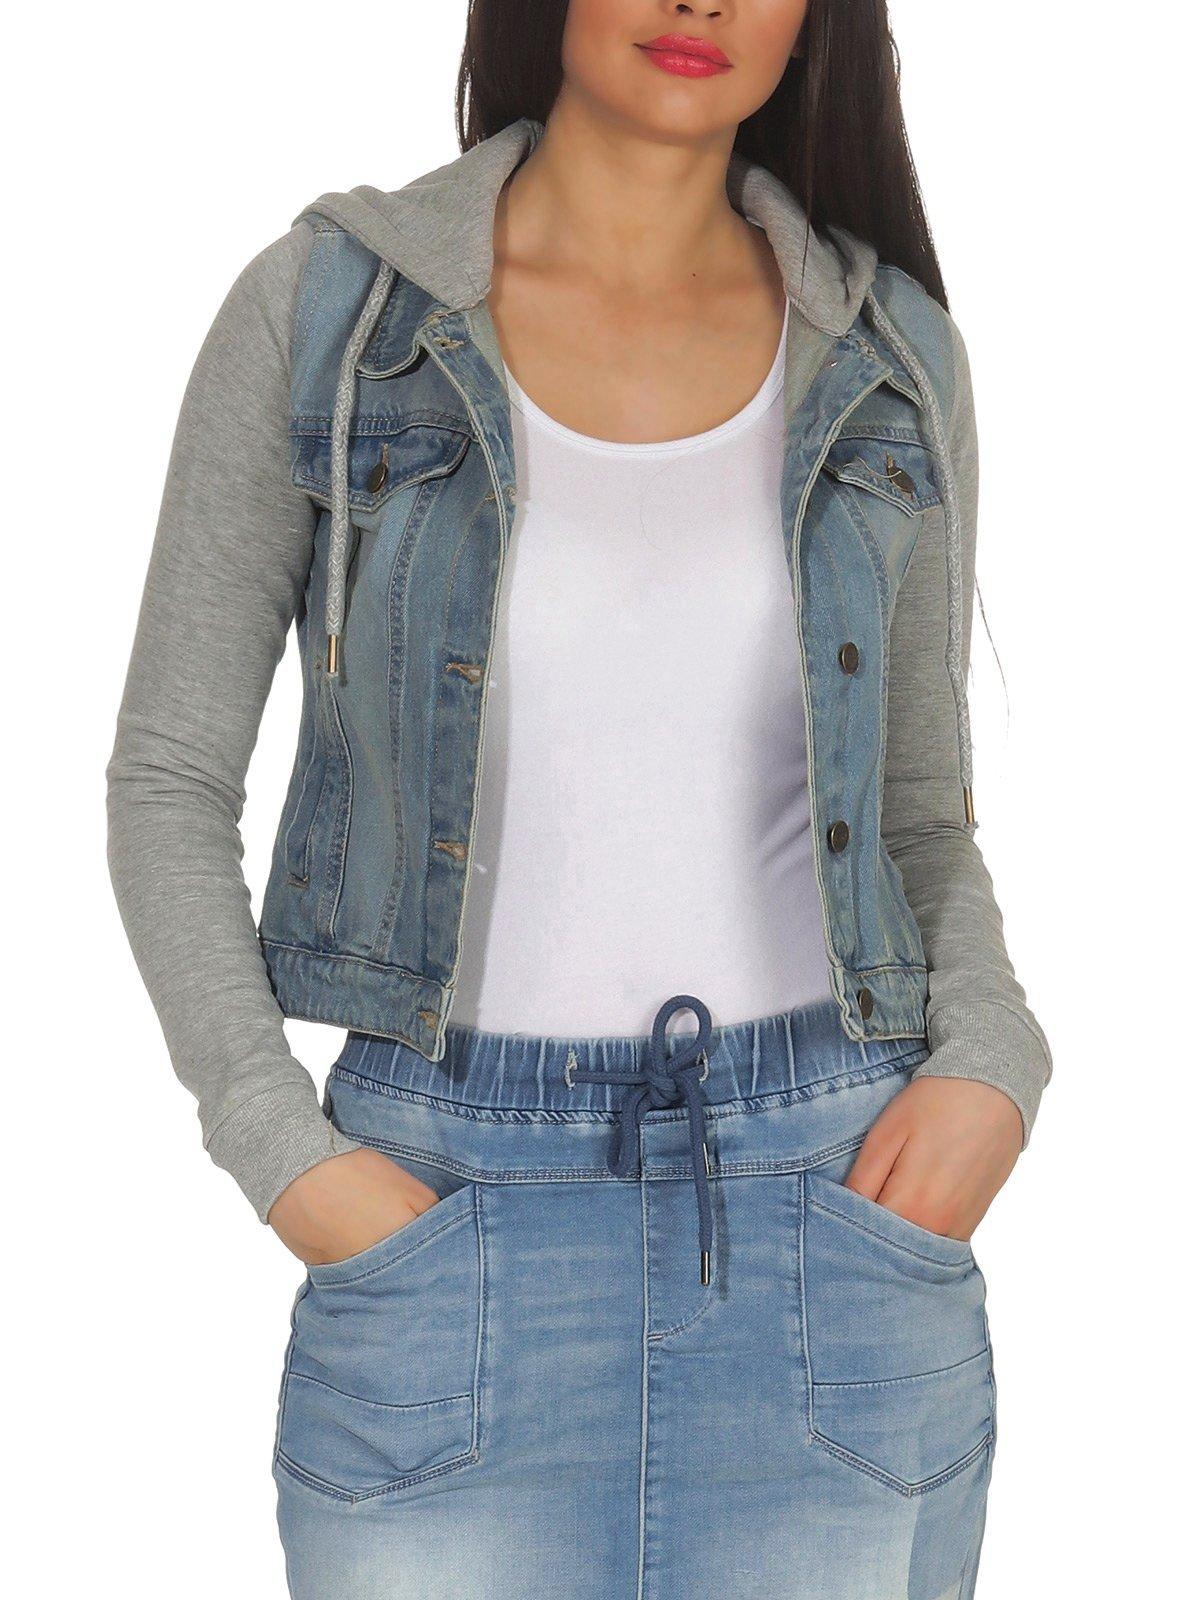 Details about Womens Transition Jacket Jeans Jacket Jeans Jacket Womens Jacket 2 in 1 Denim Hailys Cora show original title